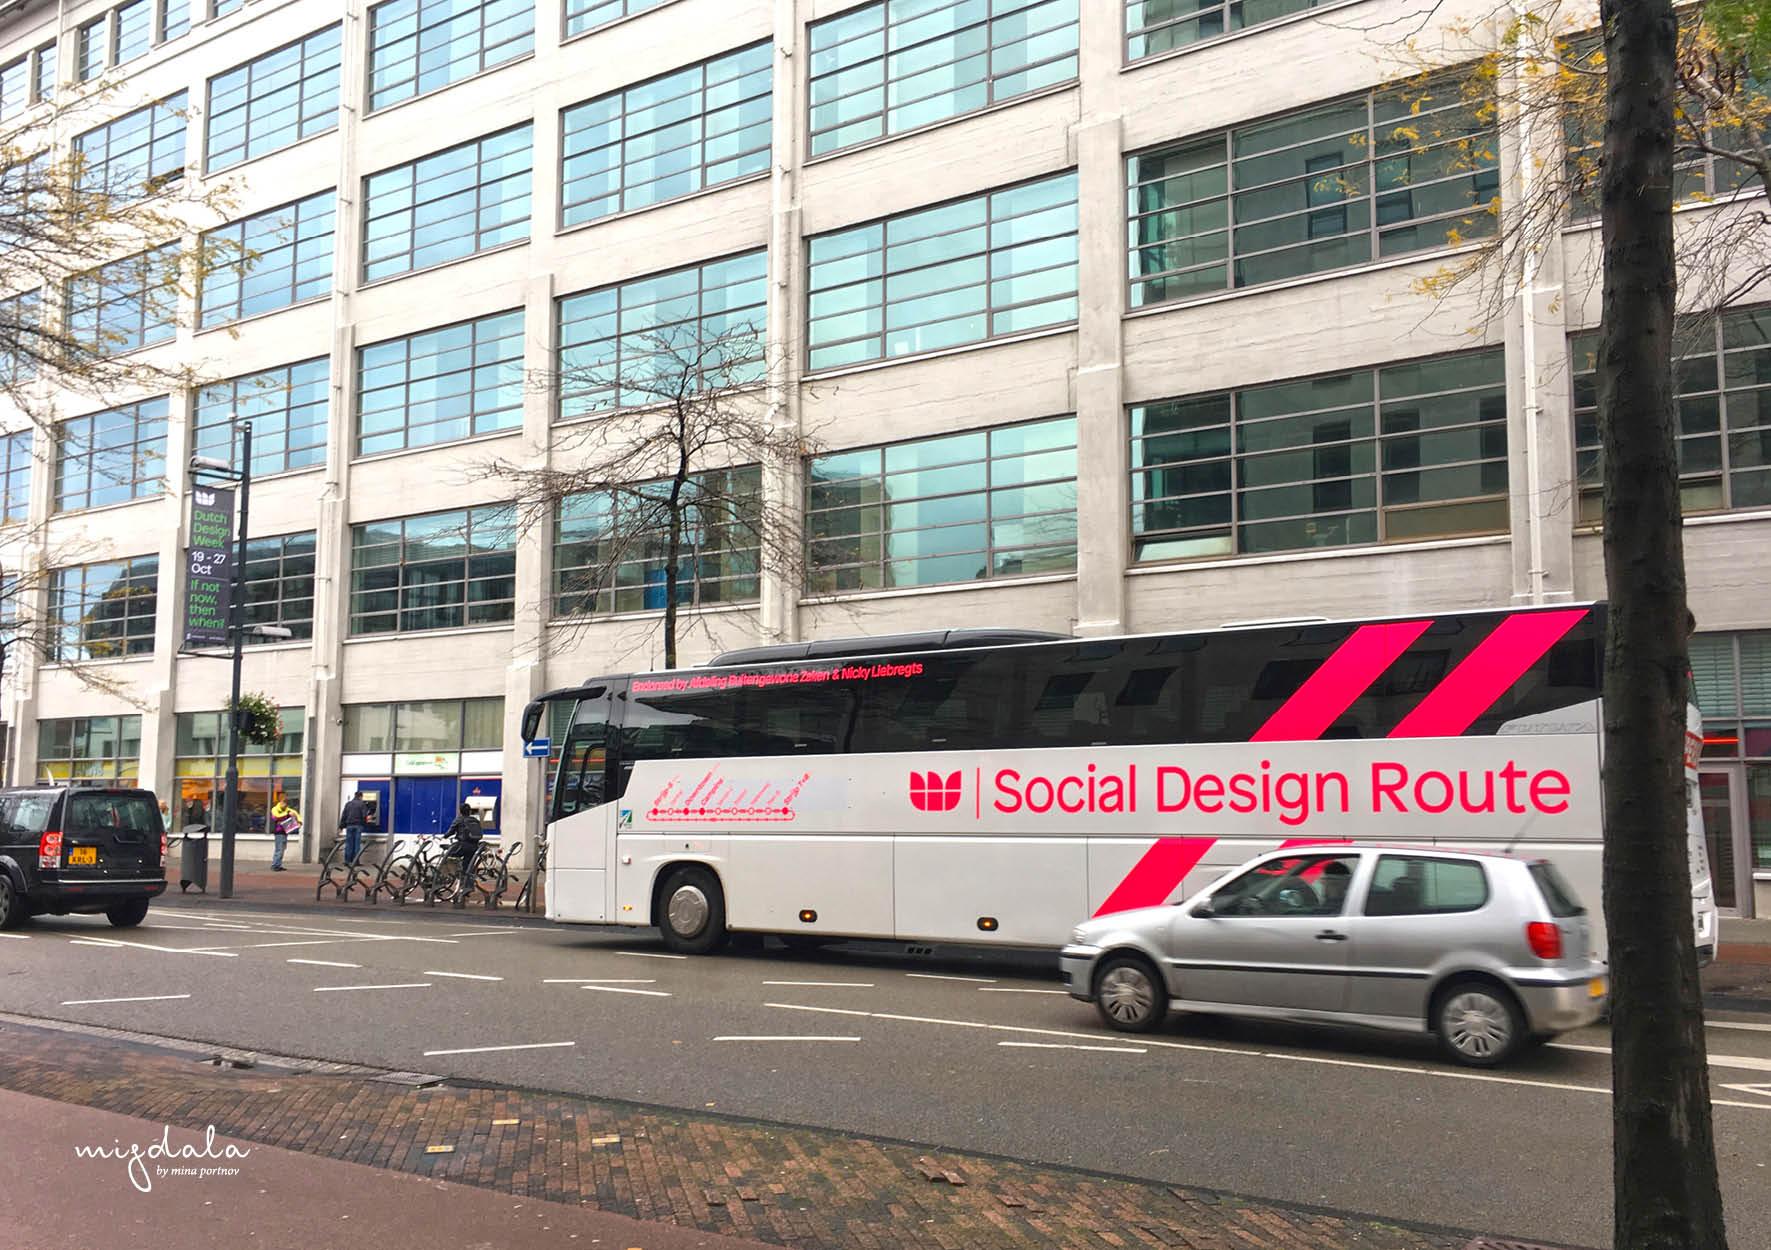 אוטובוס ייעודי של ה- Social Design Route בשבוע העצוב ההולנדי באיינדהובן 2019